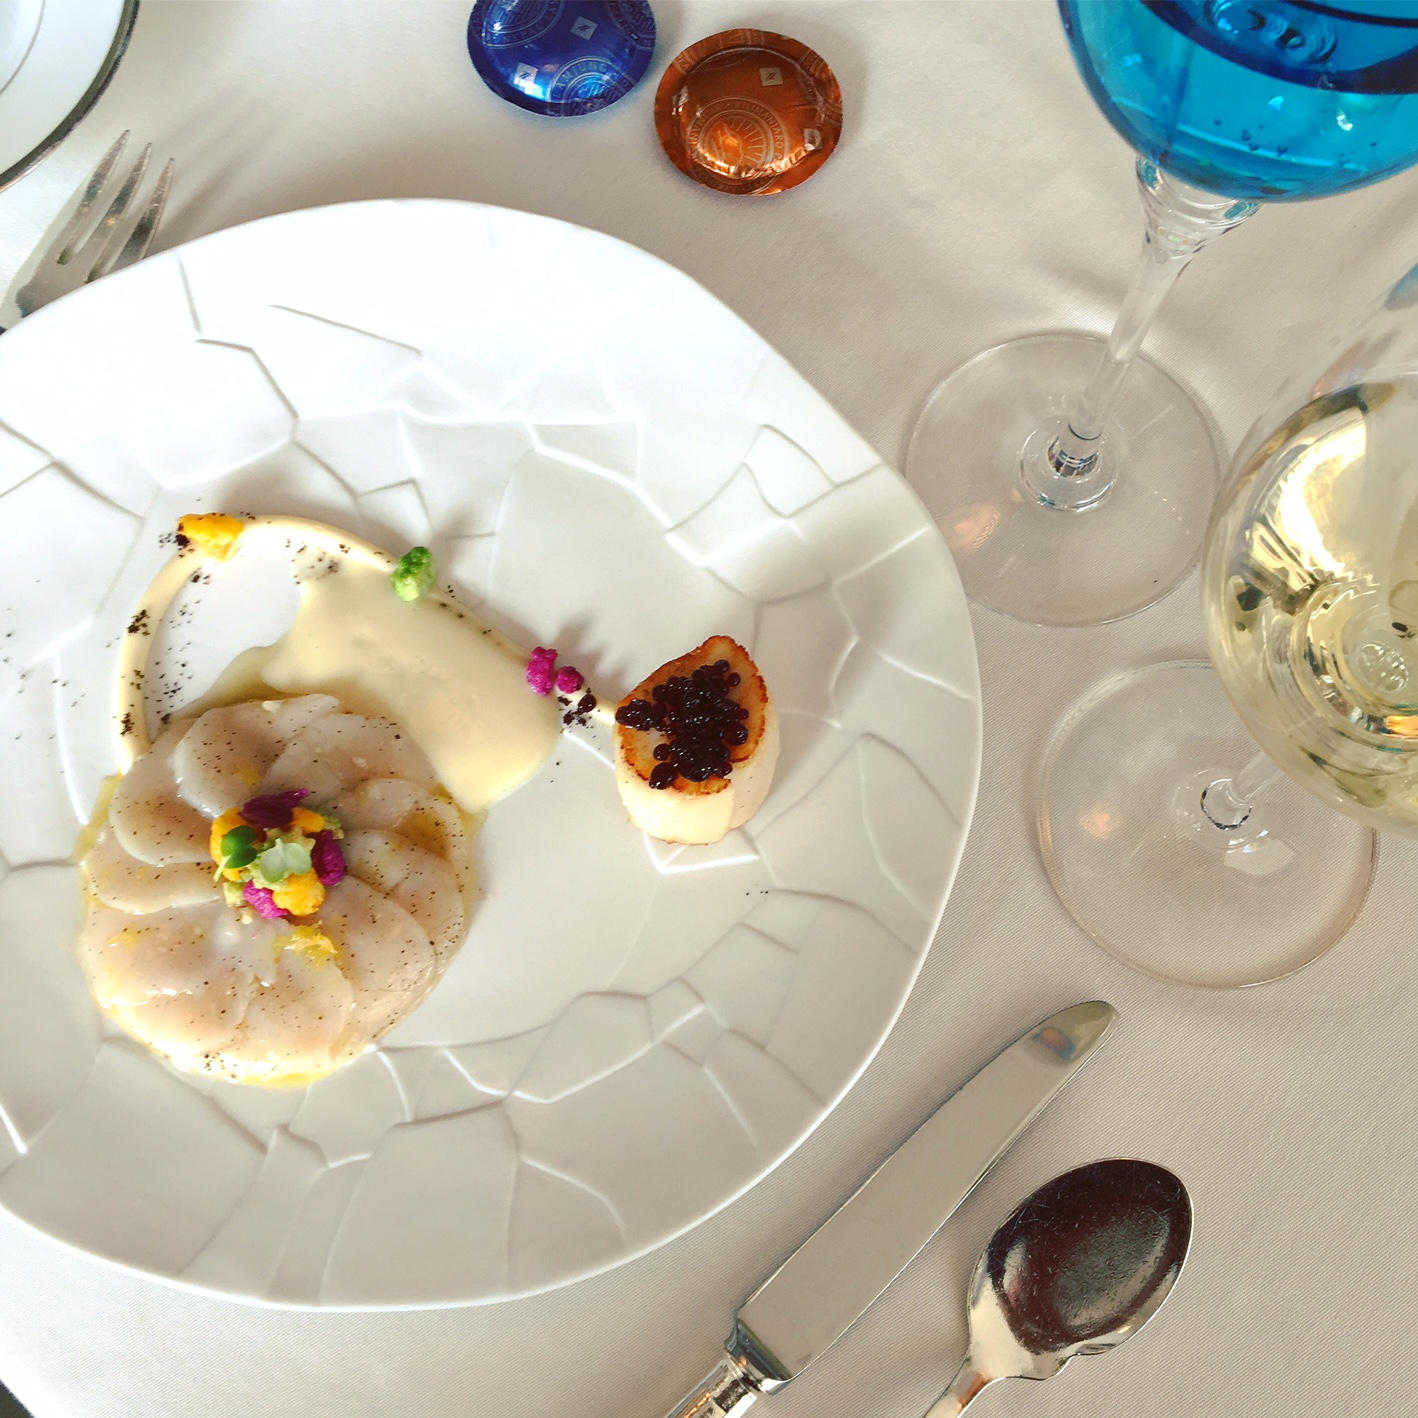 Noix de st jacques d erquy au caviar de caf par michel for Ma cuisine petit chef